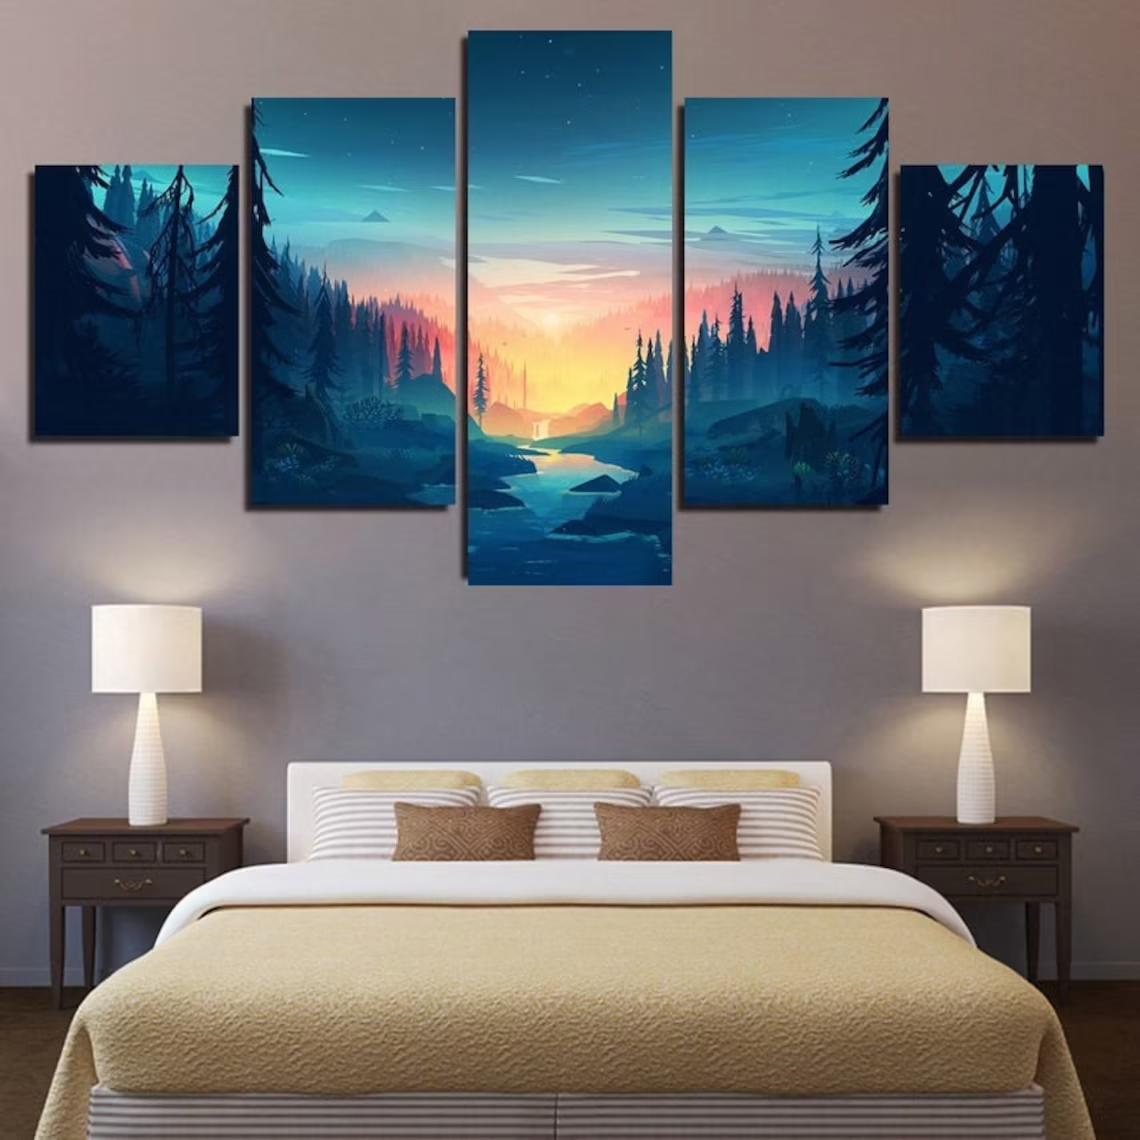 Mountain Wilderness Sunset Bliss 5 Piece Five Panel Canvas Wall Art